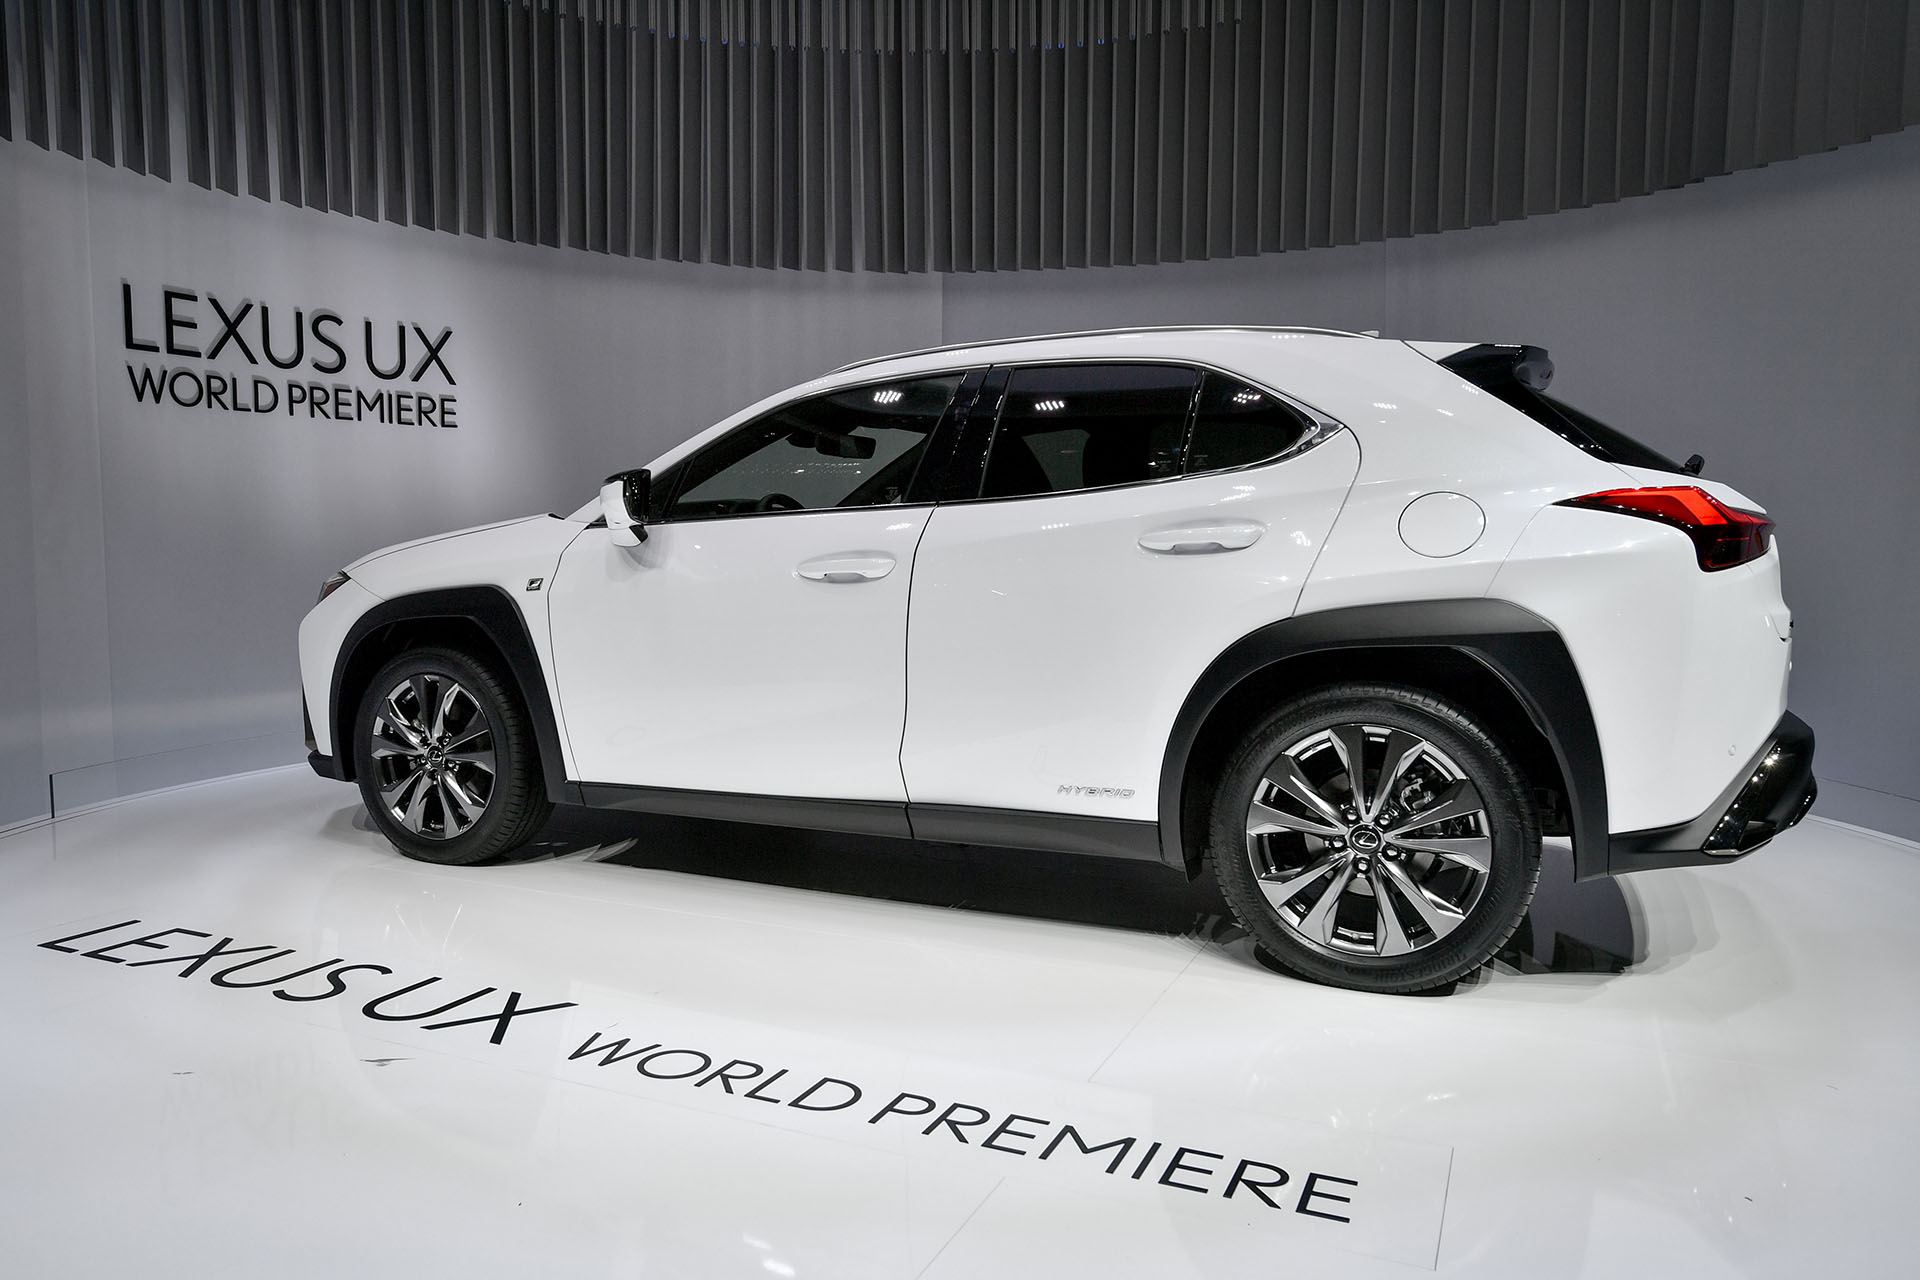 El Lexus UX es parte de una estrategia comercial de la división de alta gama de Toyota para seducir al público joven, por fuera de su mercado tradicional. Es un SUV compacto de estética atrevida y de mecánica híbrida, ubicado por debajo de su hermano mayor, el Lexus RX